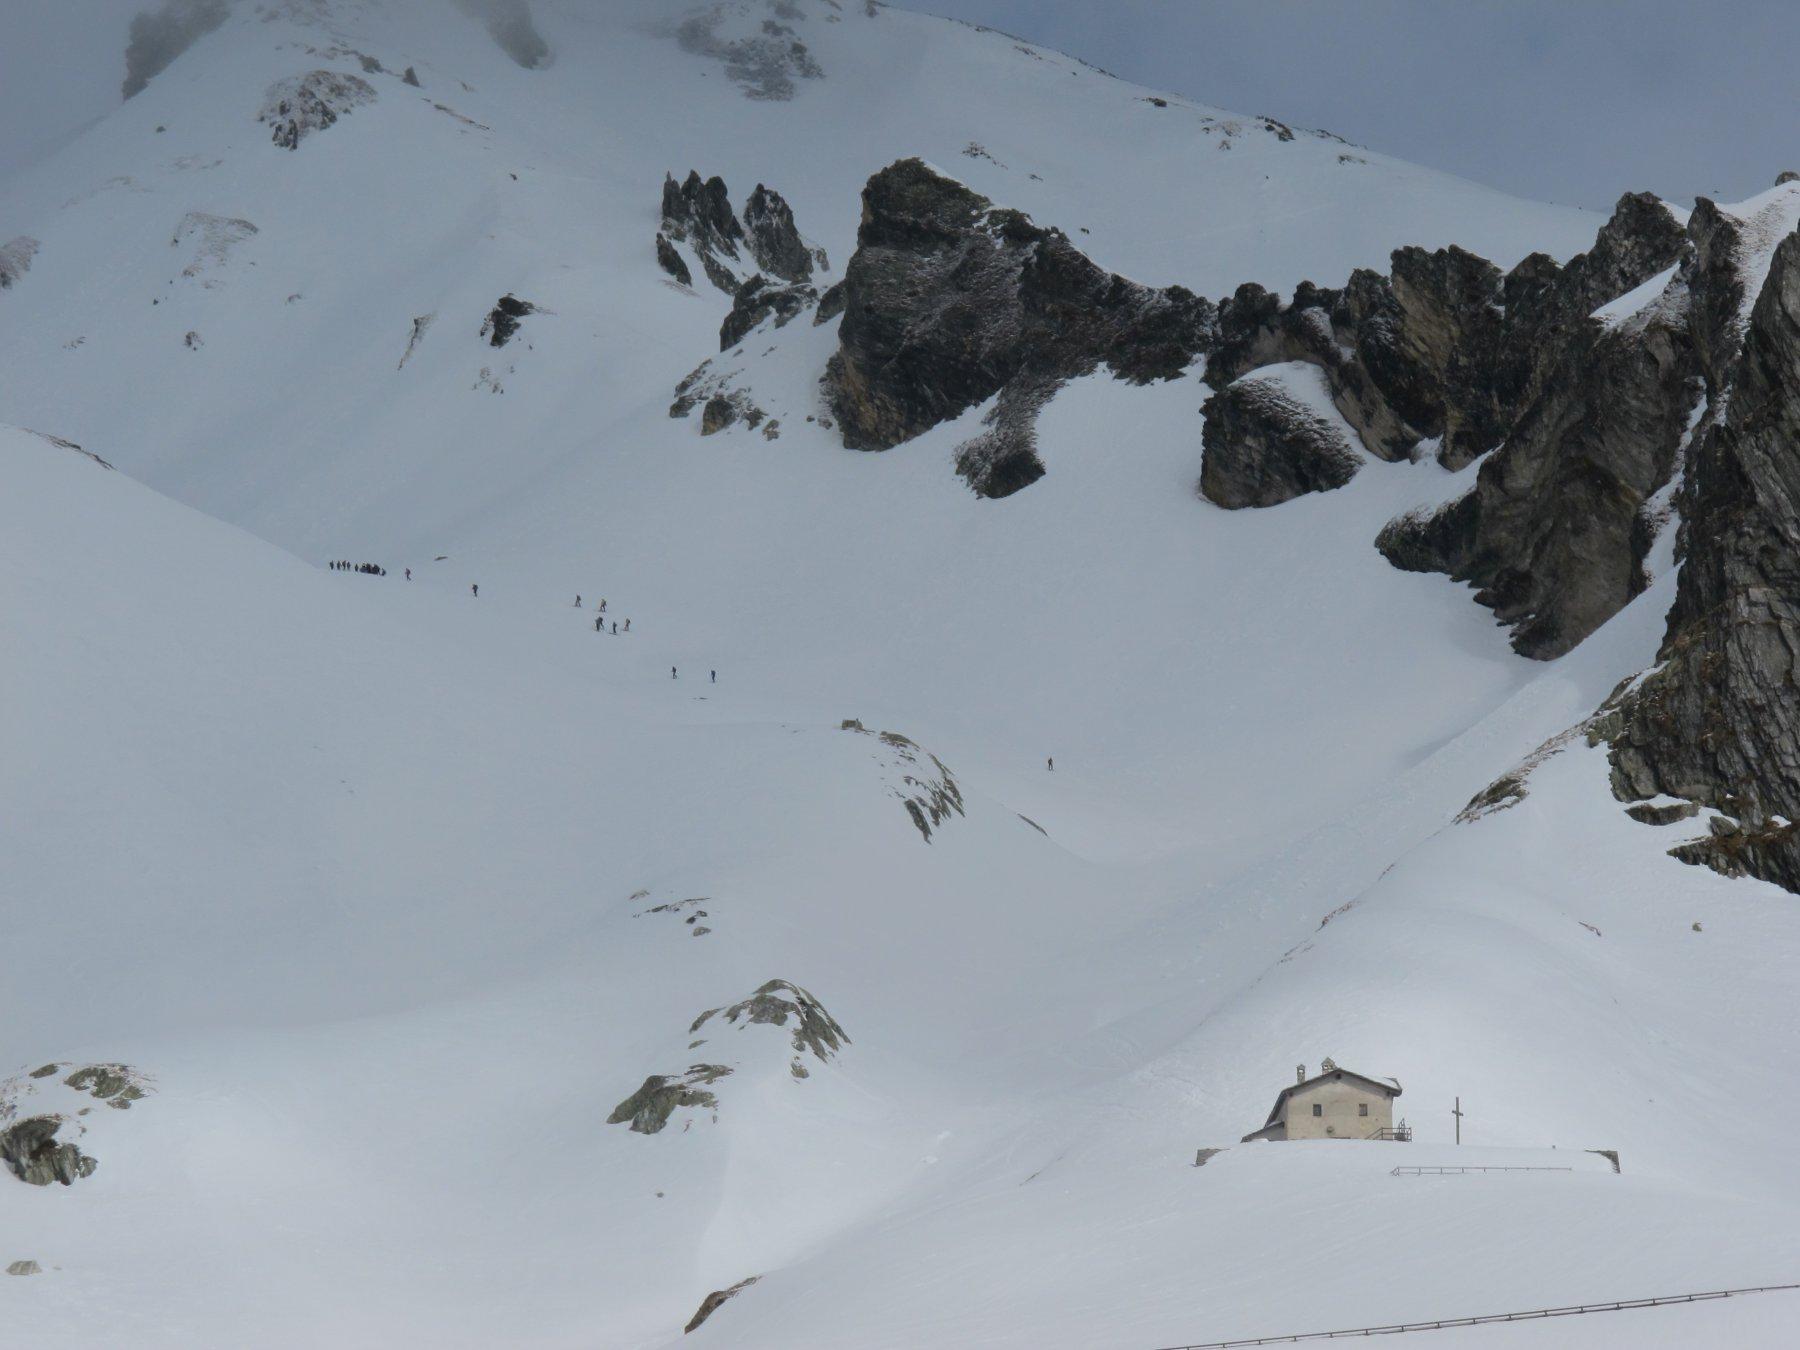 sopra l'alpe baus